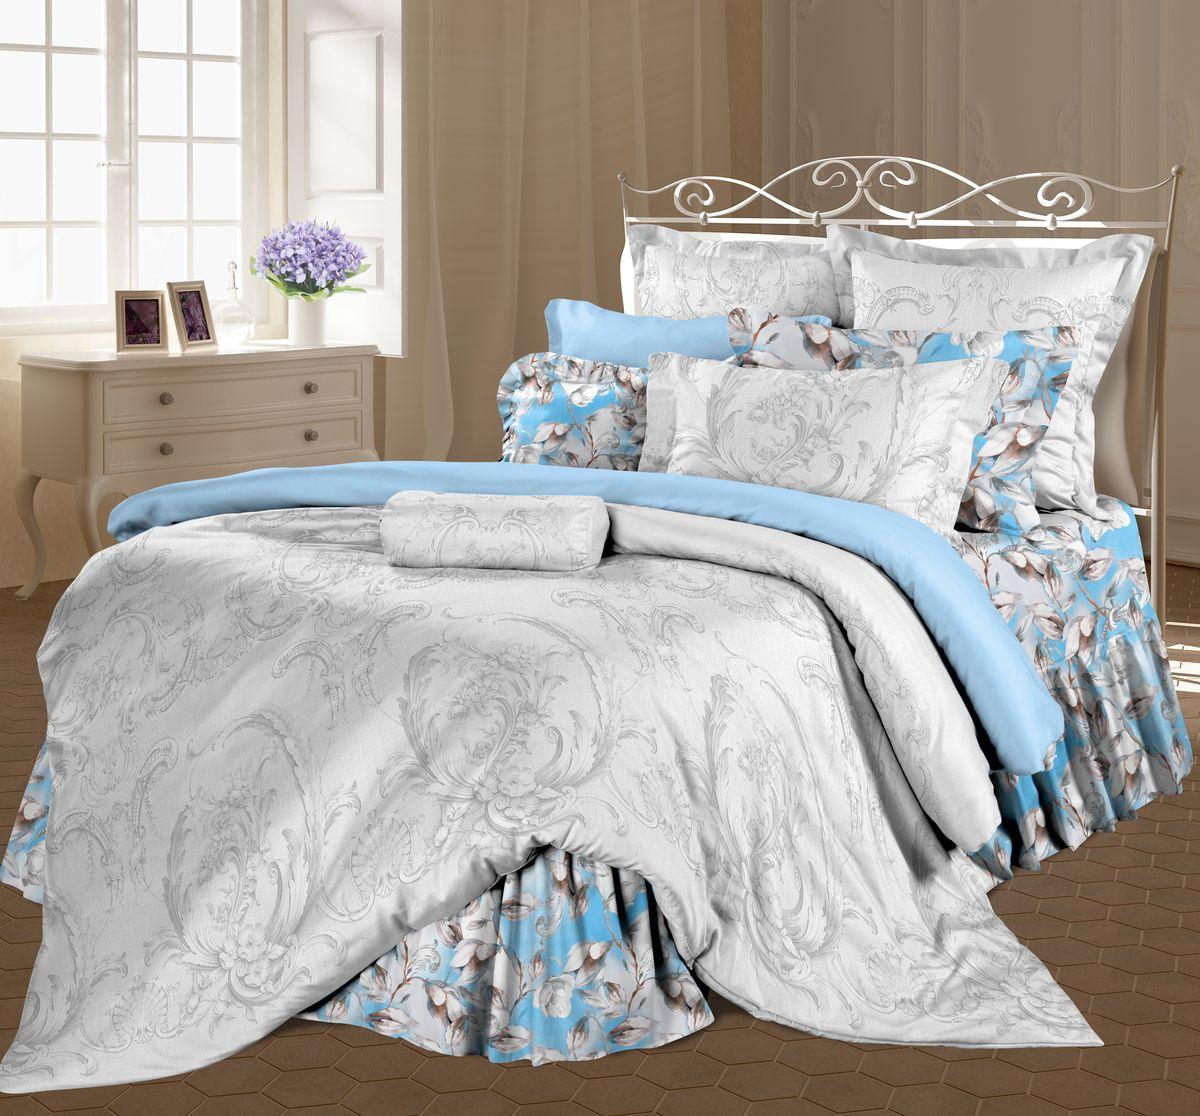 Комплект белья Романтика Миледи, семейный, наволочки 70 x 70, цвет: голубой. 317951317951